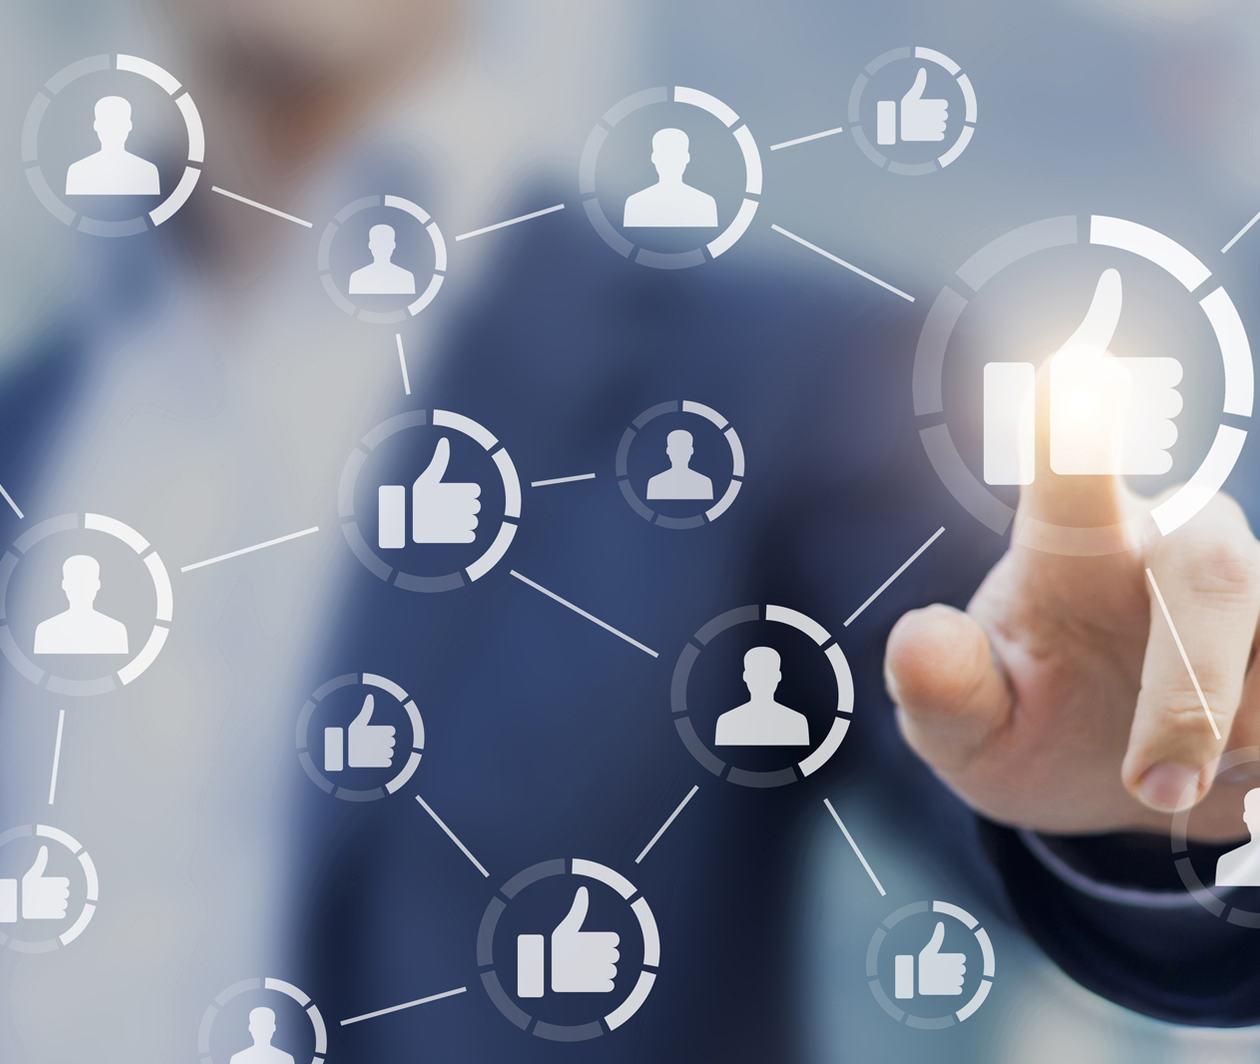 Digital Media Analytics: Social Media Research Plans